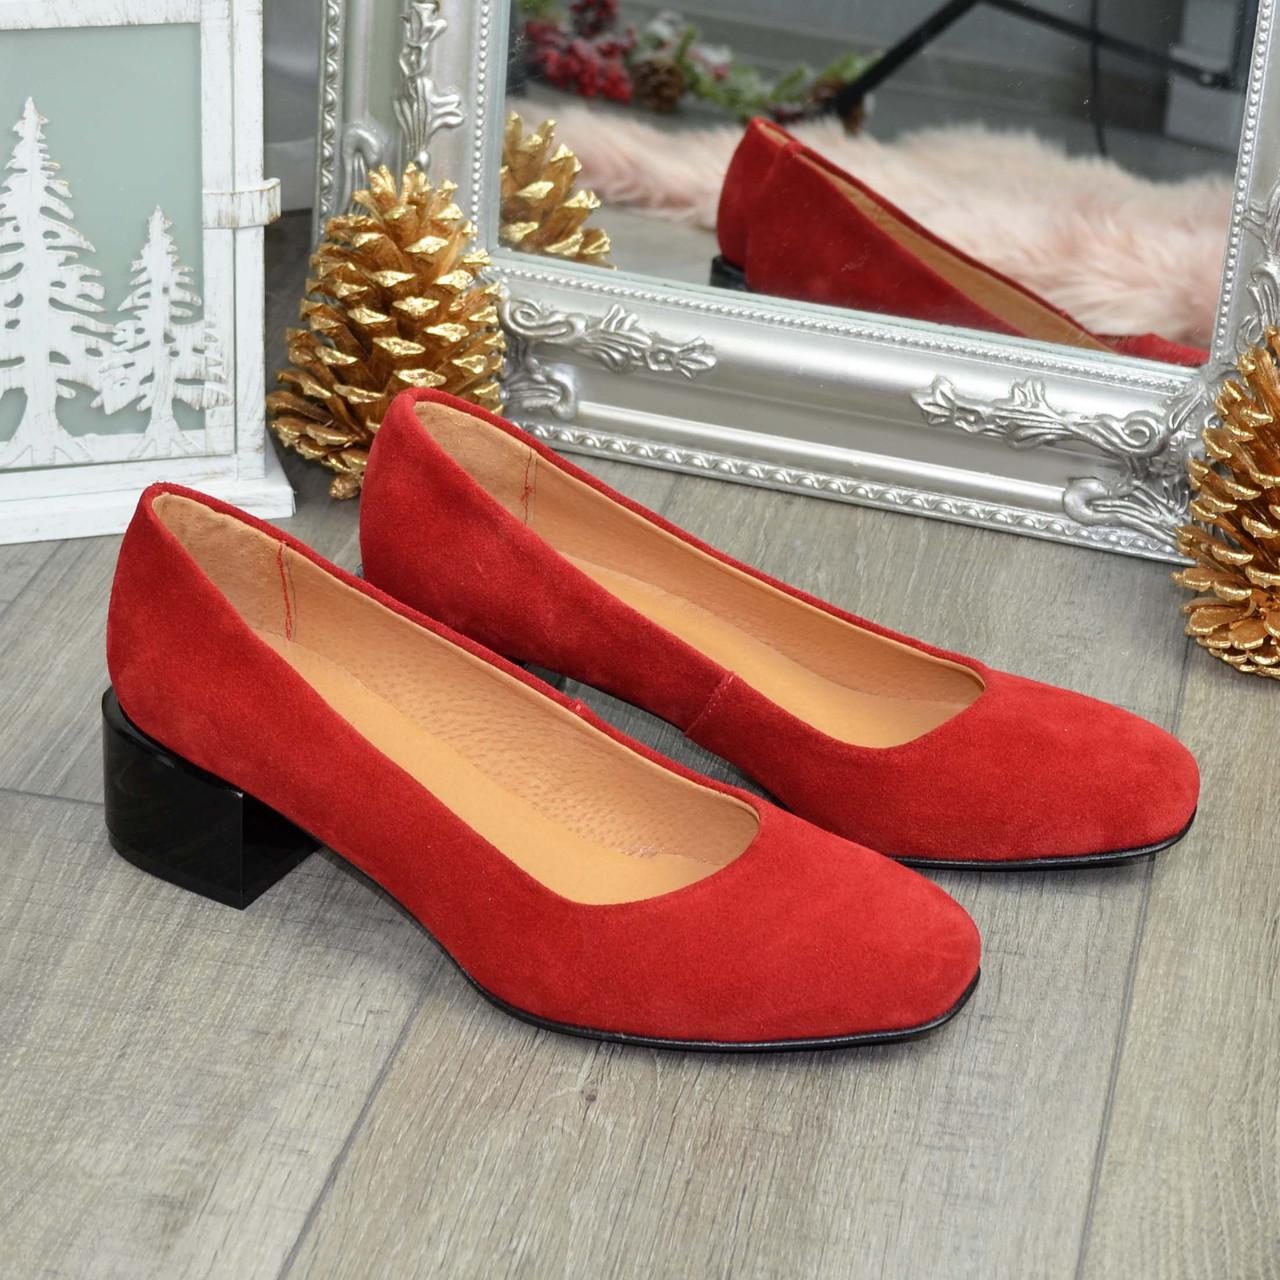 Туфли женские замшевые на невысоком каблуке. Цвет красный